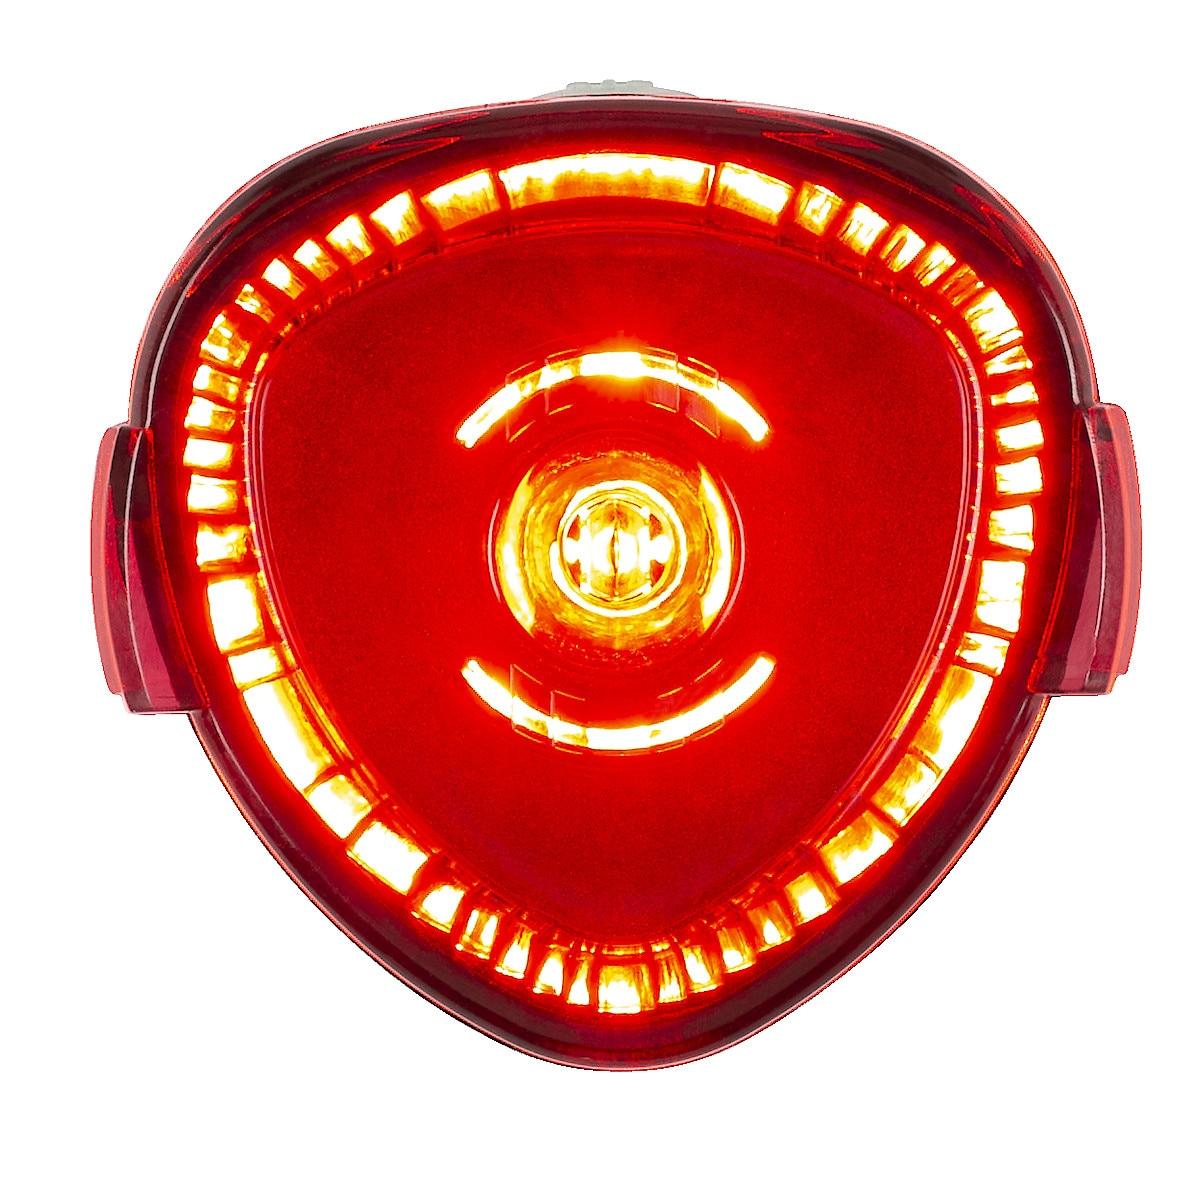 Polkupyörän LED-takavalaisin Asaklitt